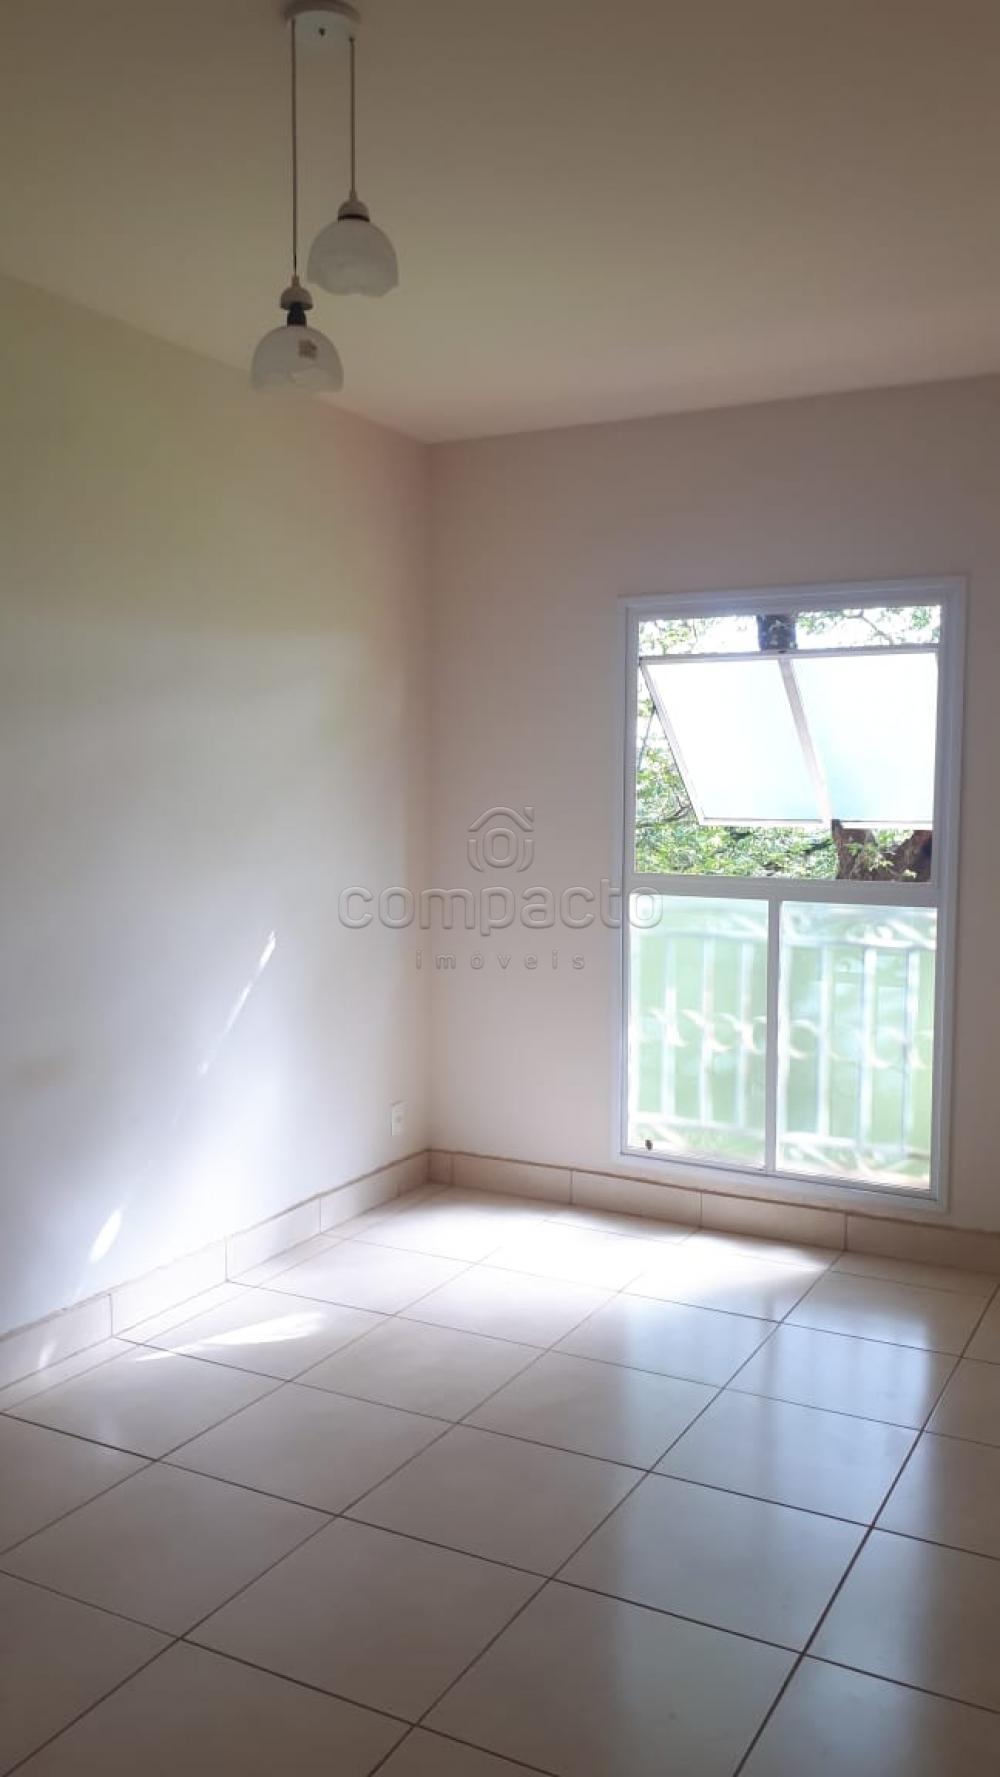 Comprar Apartamento / Padrão em São José do Rio Preto apenas R$ 140.000,00 - Foto 1